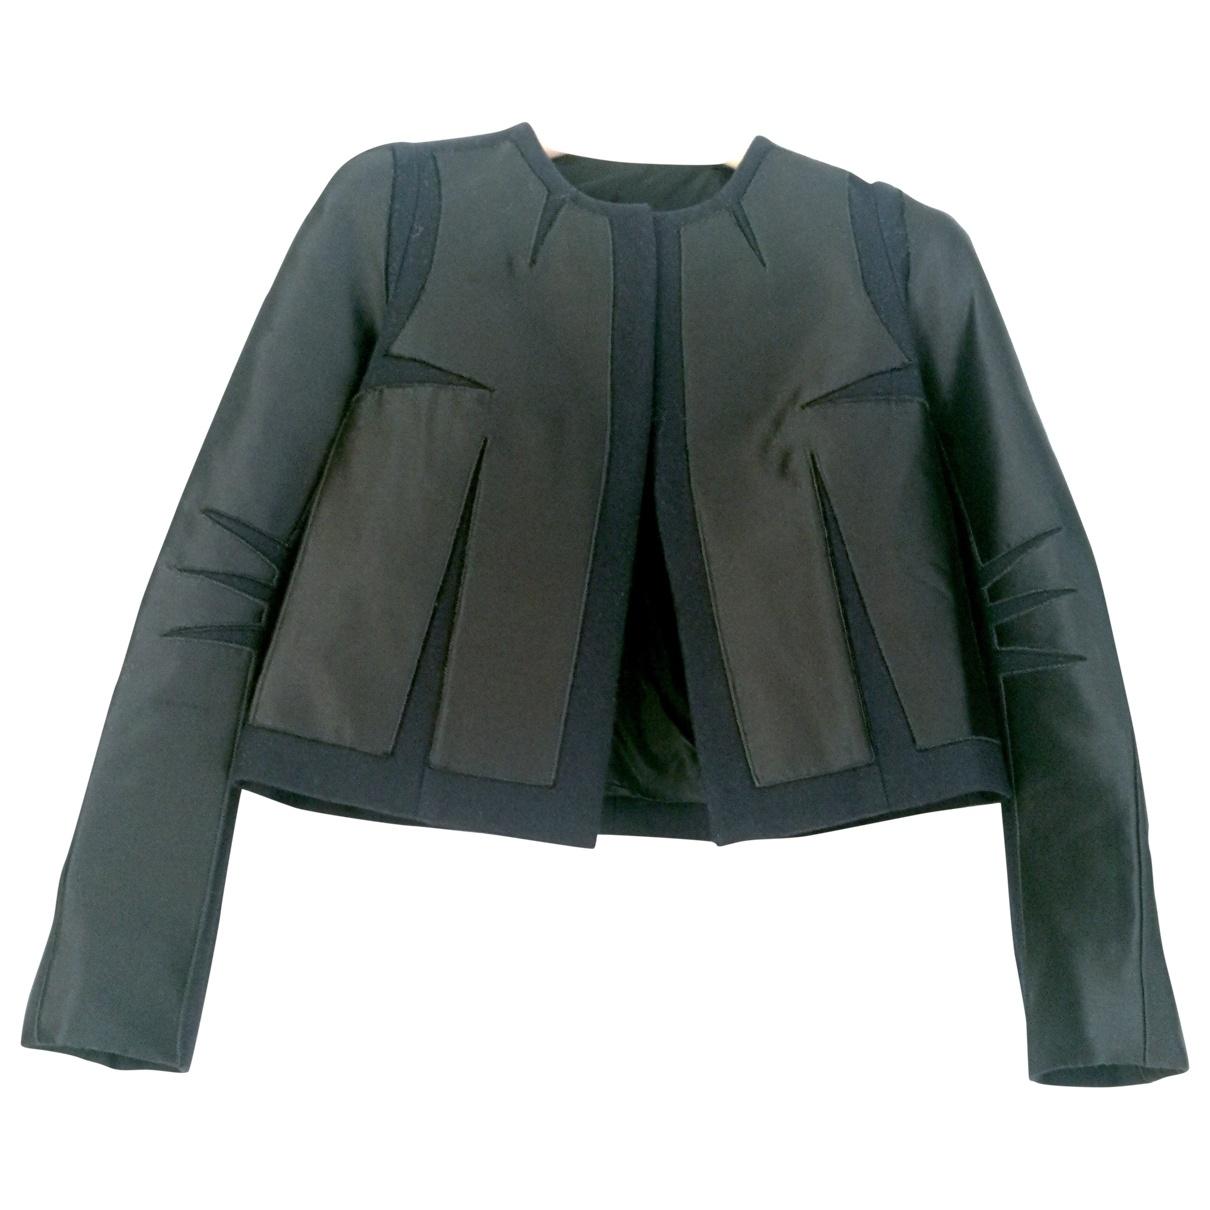 Irfé \N Wool jacket for Women 42 IT